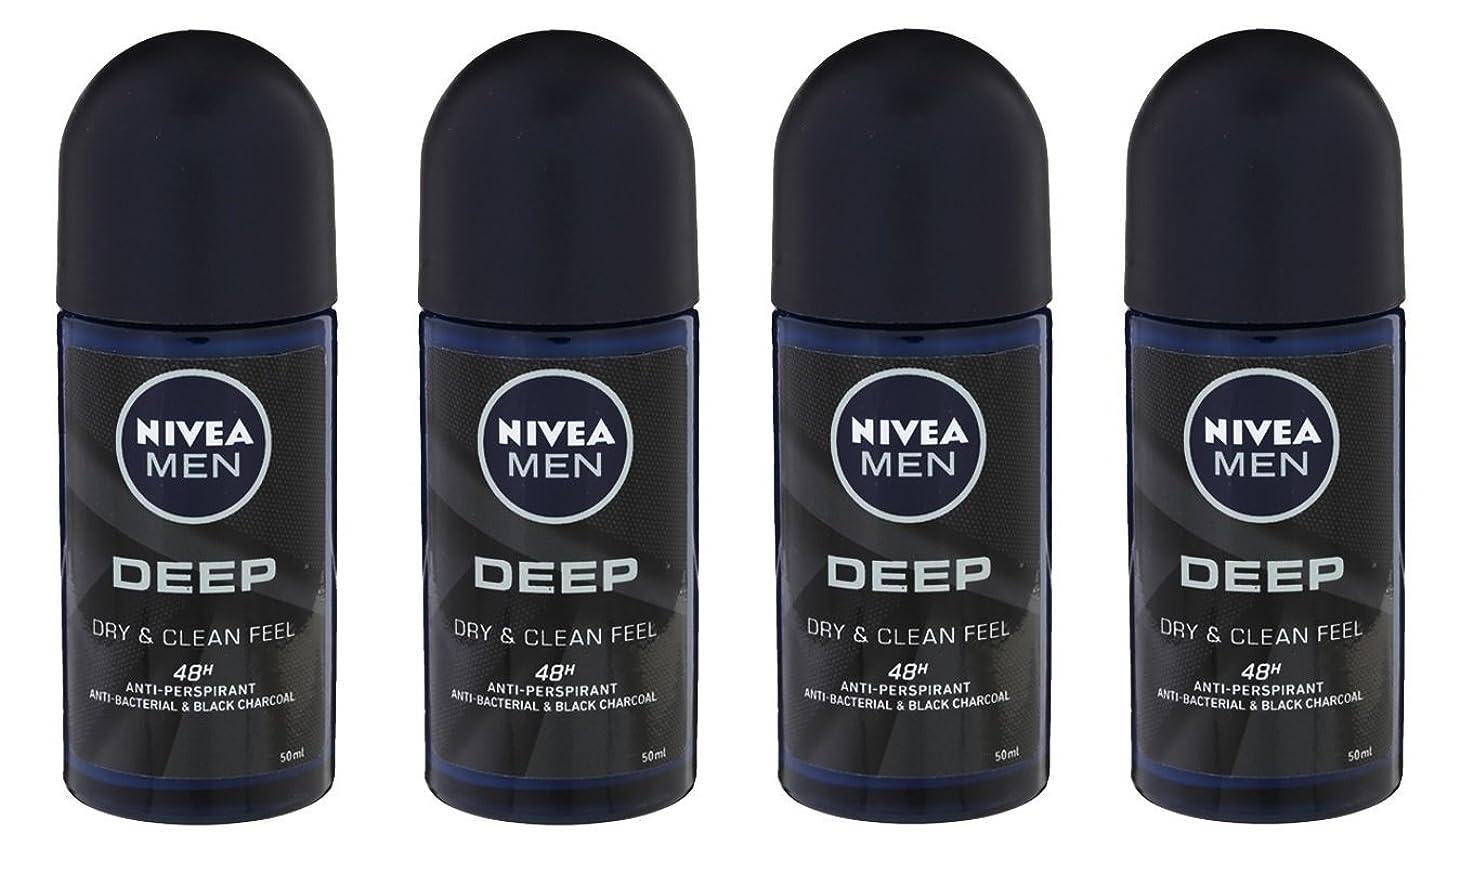 メロドラマ周辺離れて(Pack of 4) Nivea Deep Anti-perspirant Deodorant Roll On for Men 50ml - (4パック) ニベア深い制汗剤デオドラントロールオン男性用50ml